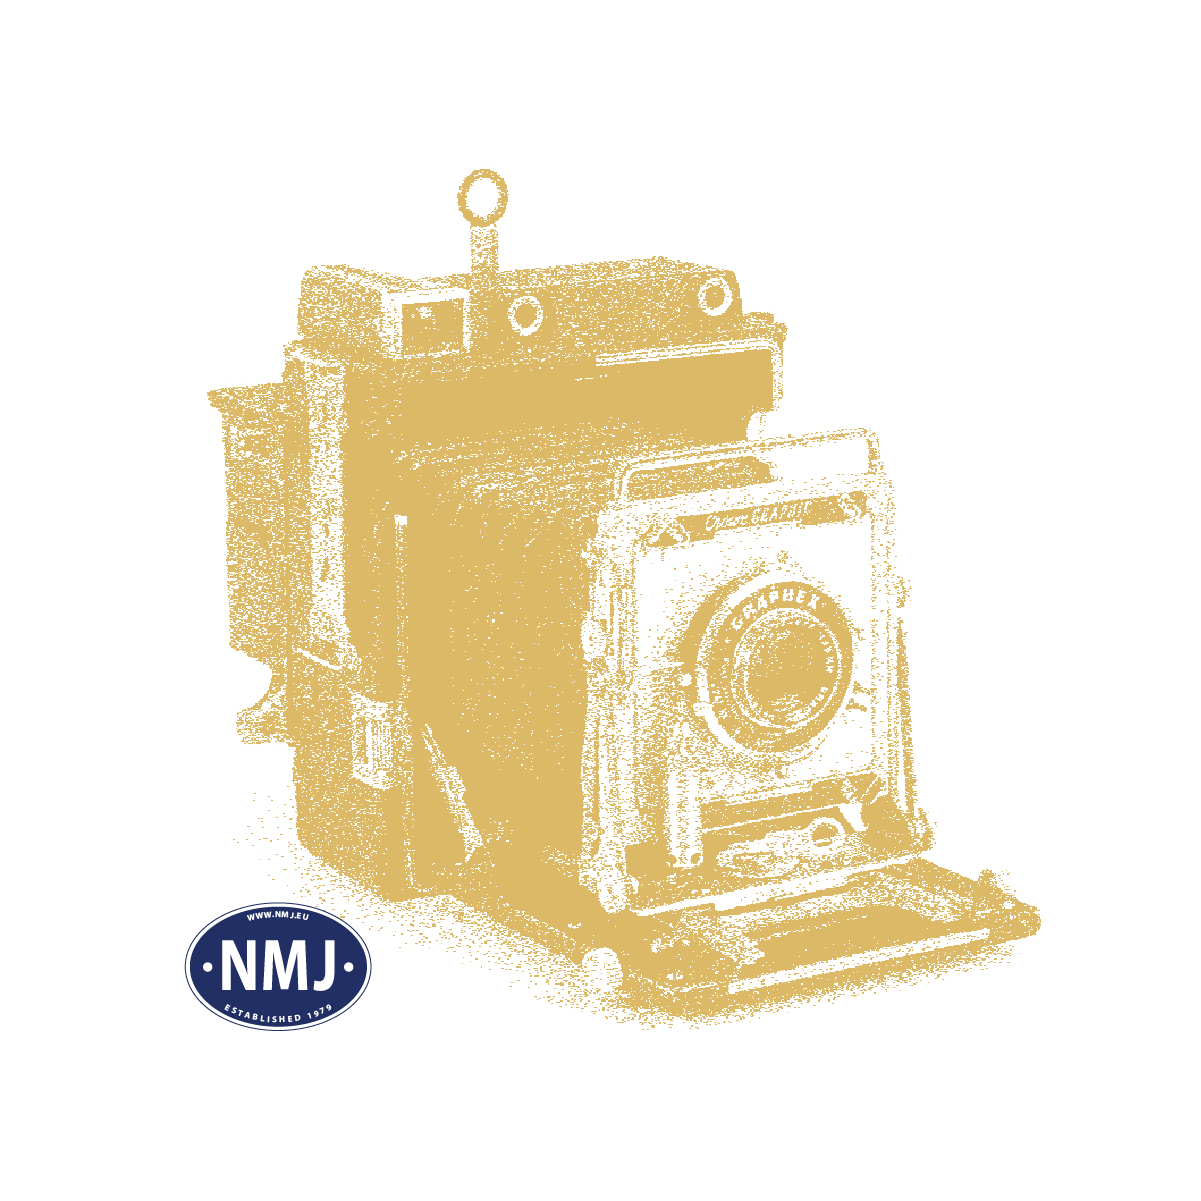 NMJT604.502 - NMJ Topline TGOJ G865